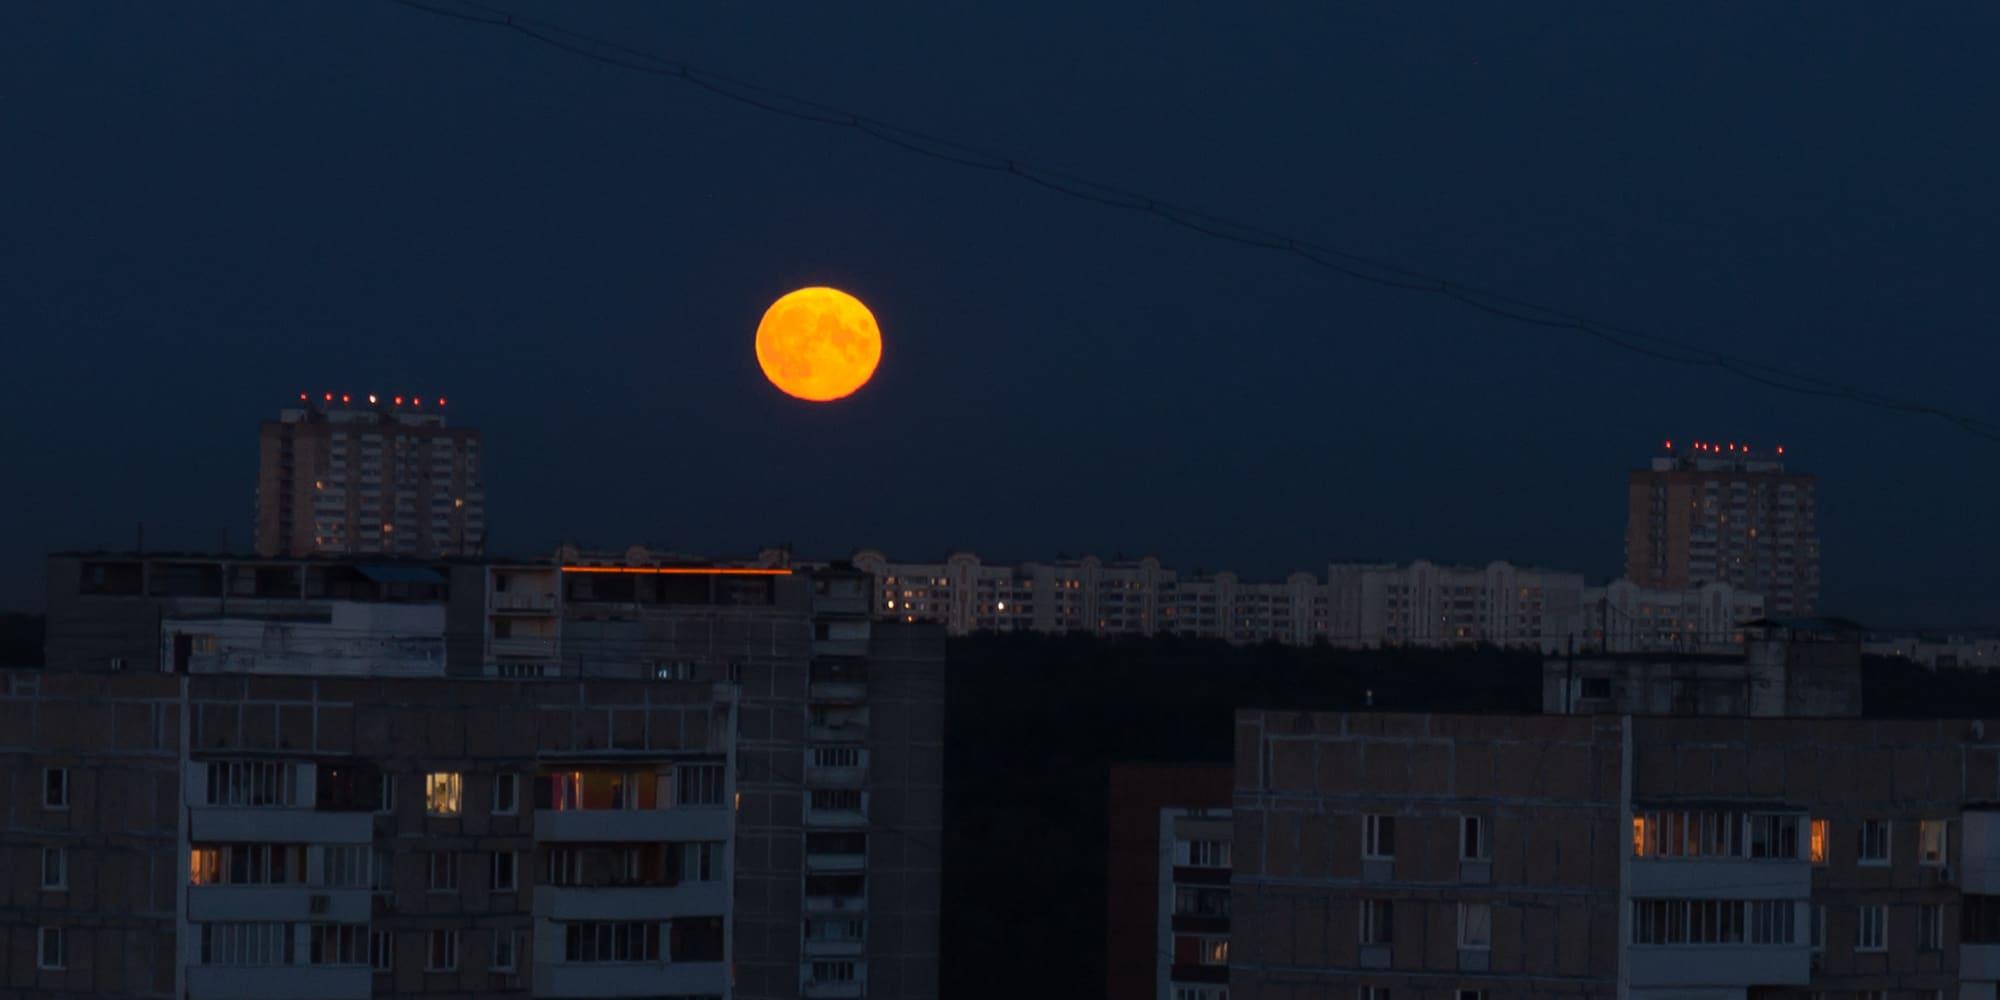 Большая луна над горизонтом